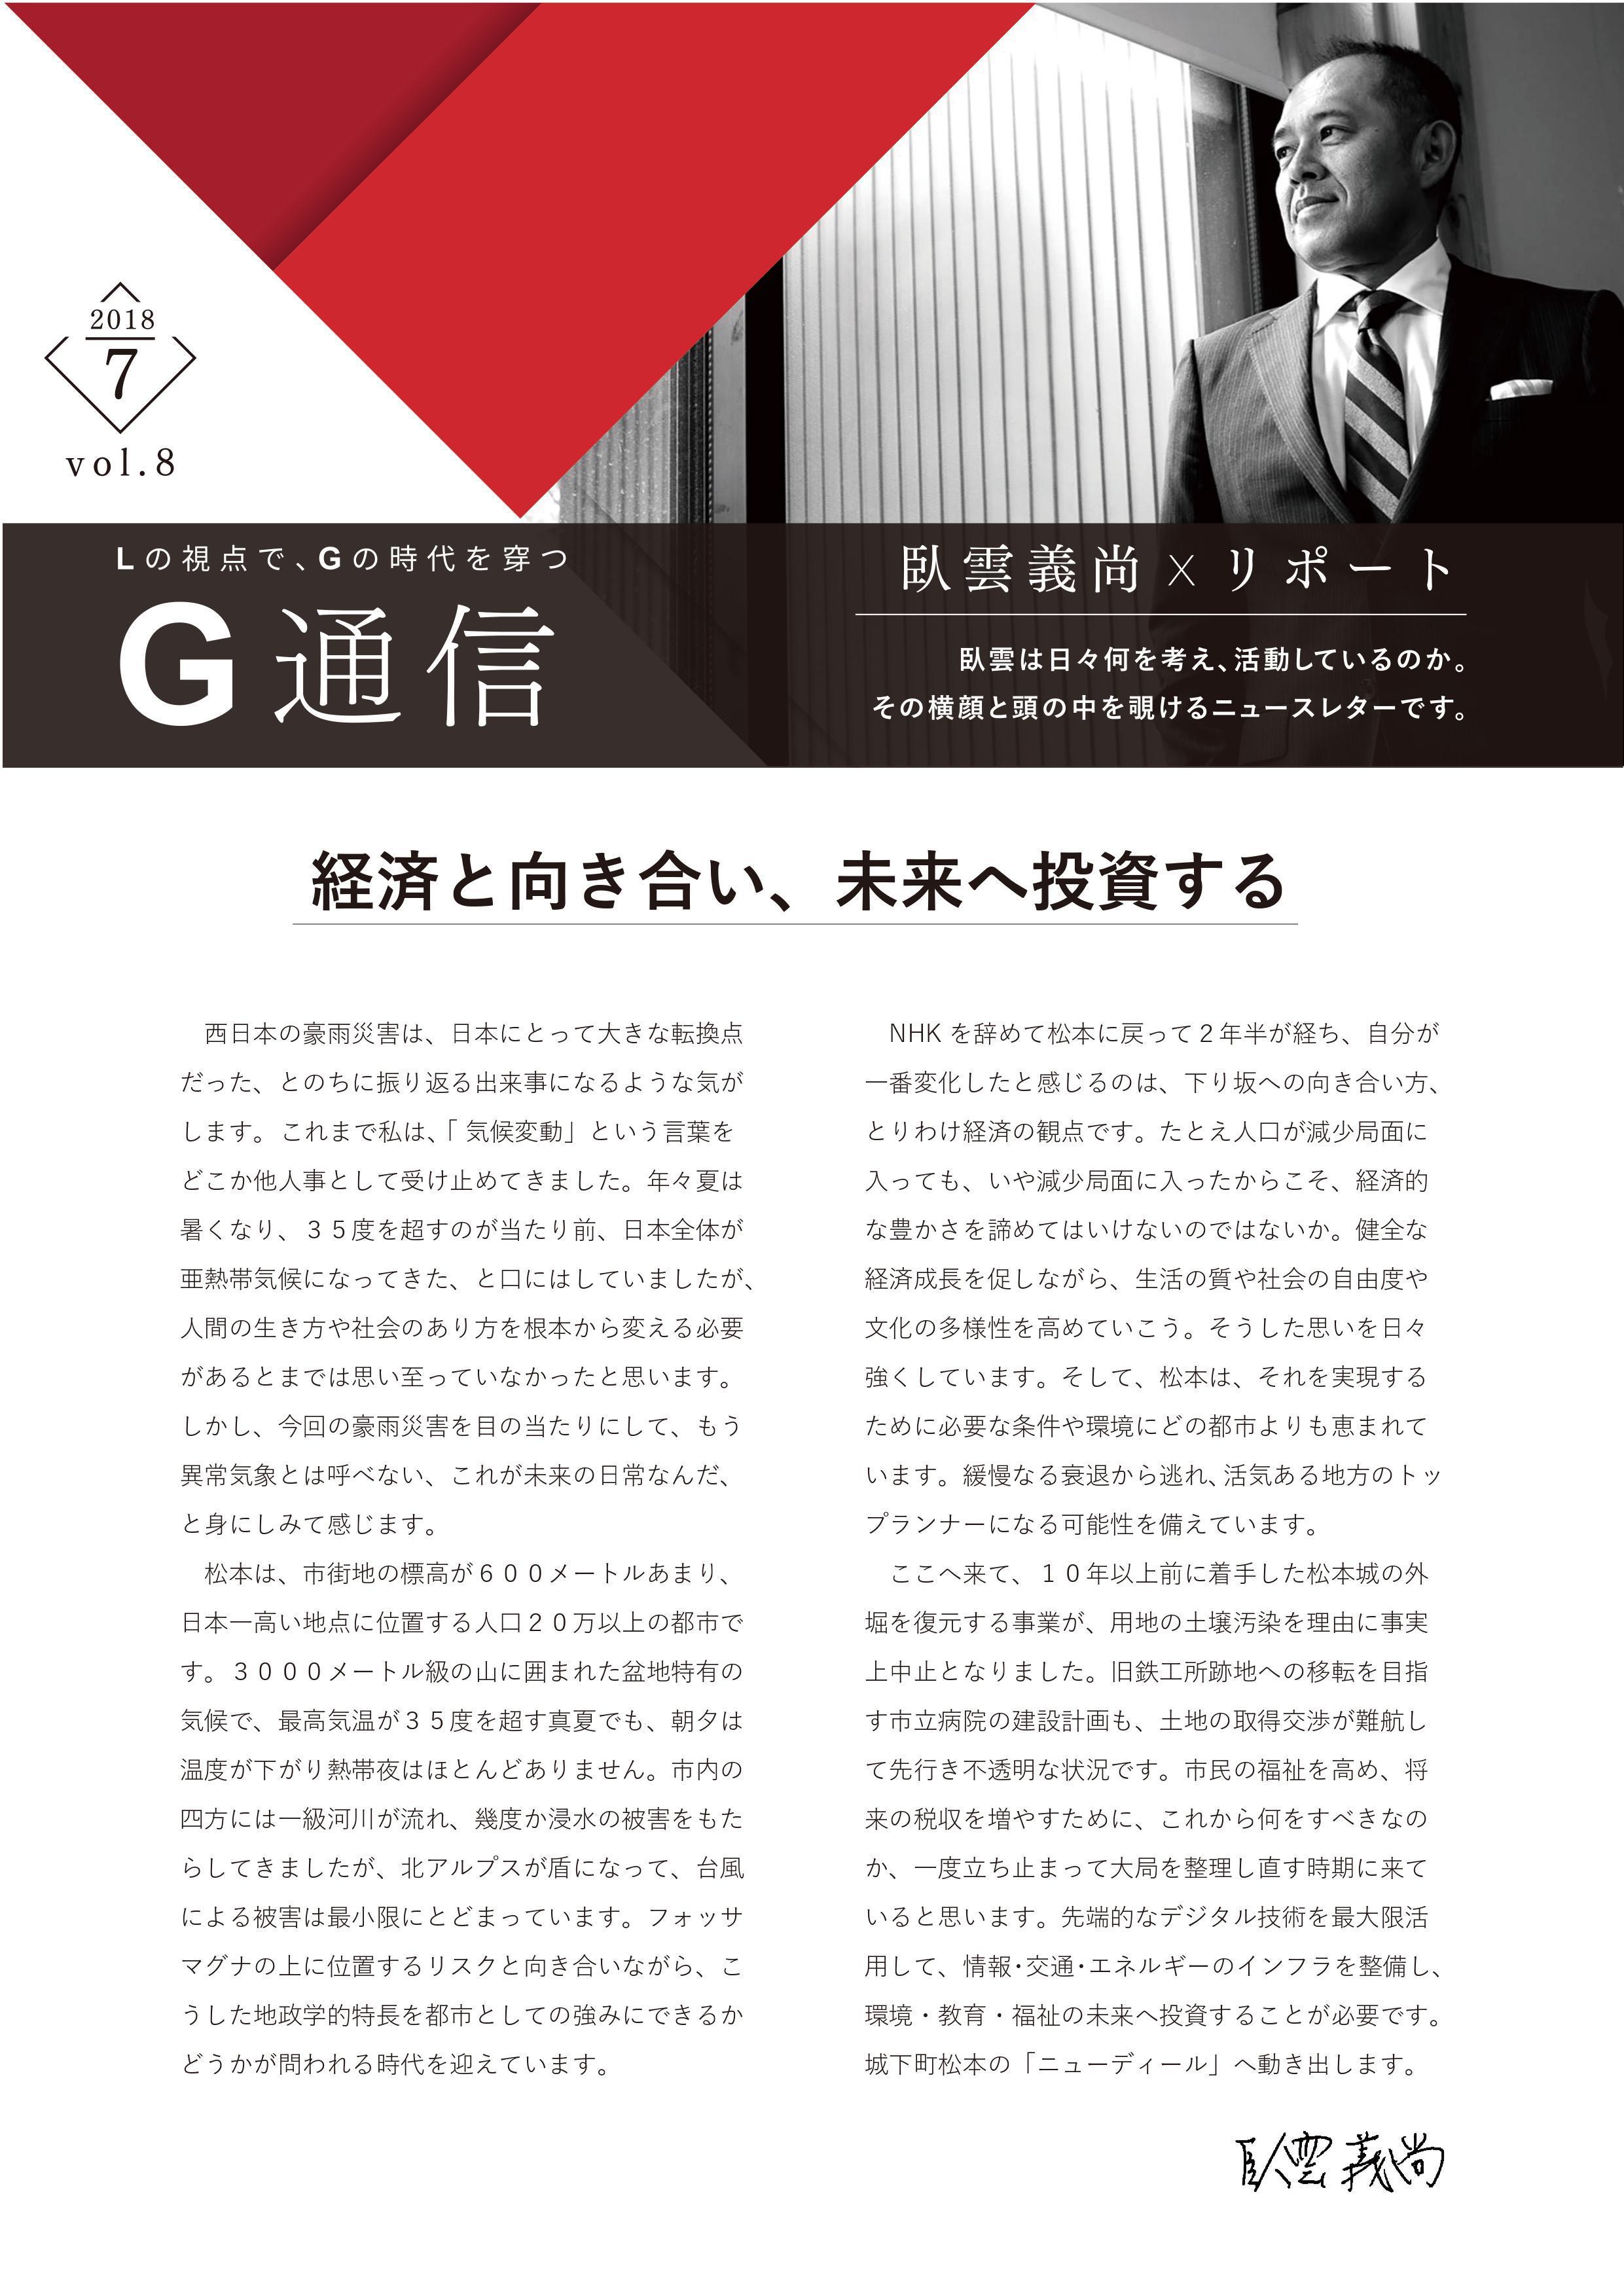 G通信Vol.8 経済と向き合い、未来へ投資する